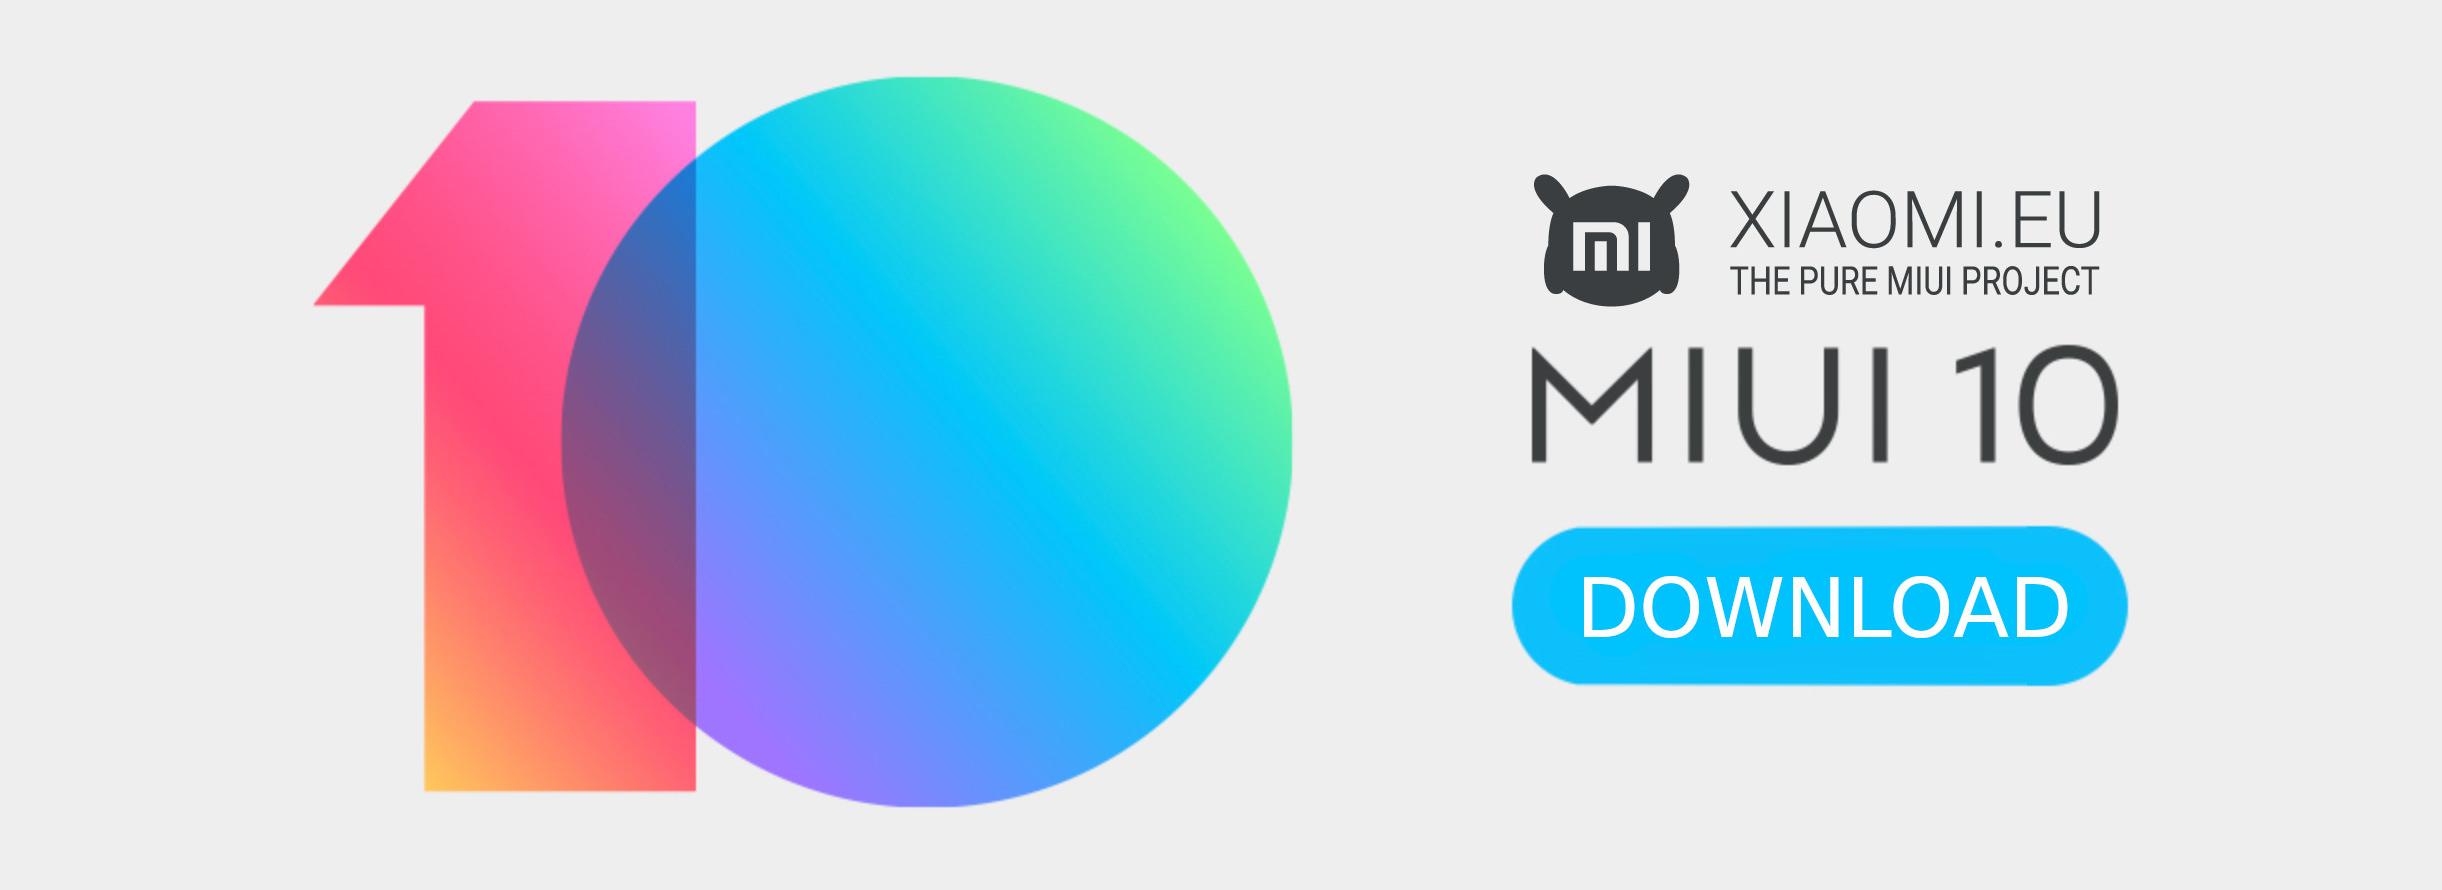 Xiaomi Mi-8 bo'yicha Xiaomi.eu / Miuipolska